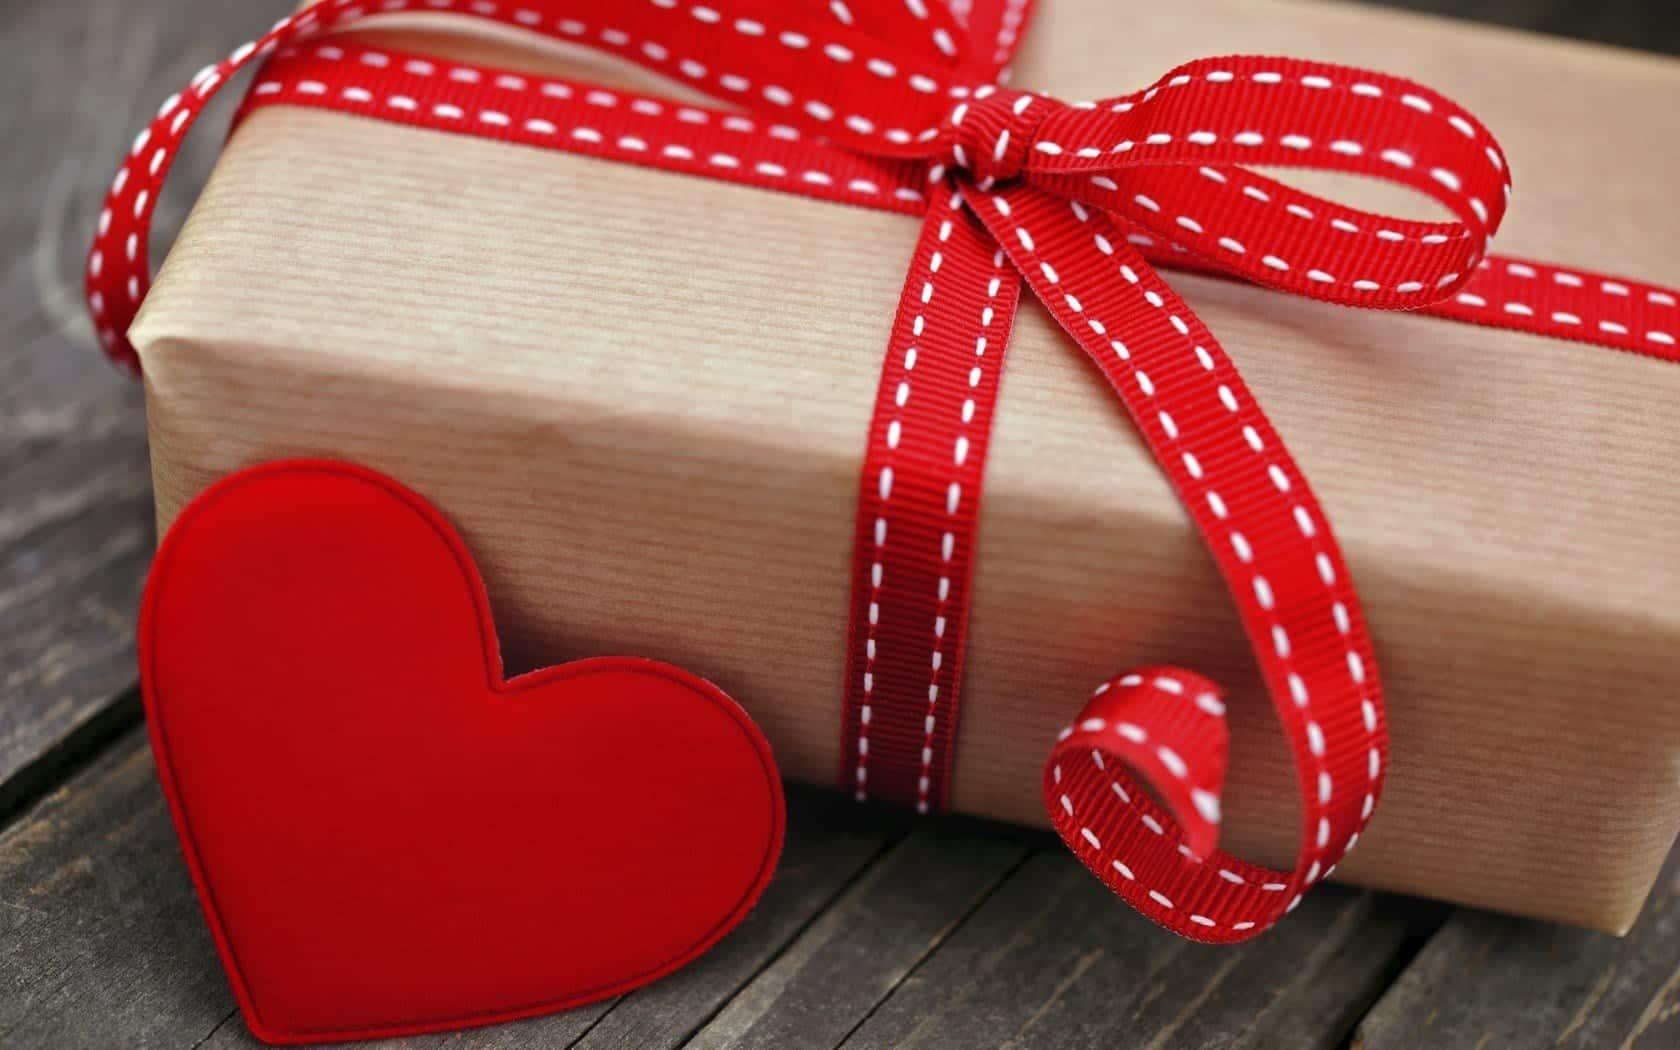 Presentes de Dia dos Namorados - 6 sugestões incríveis